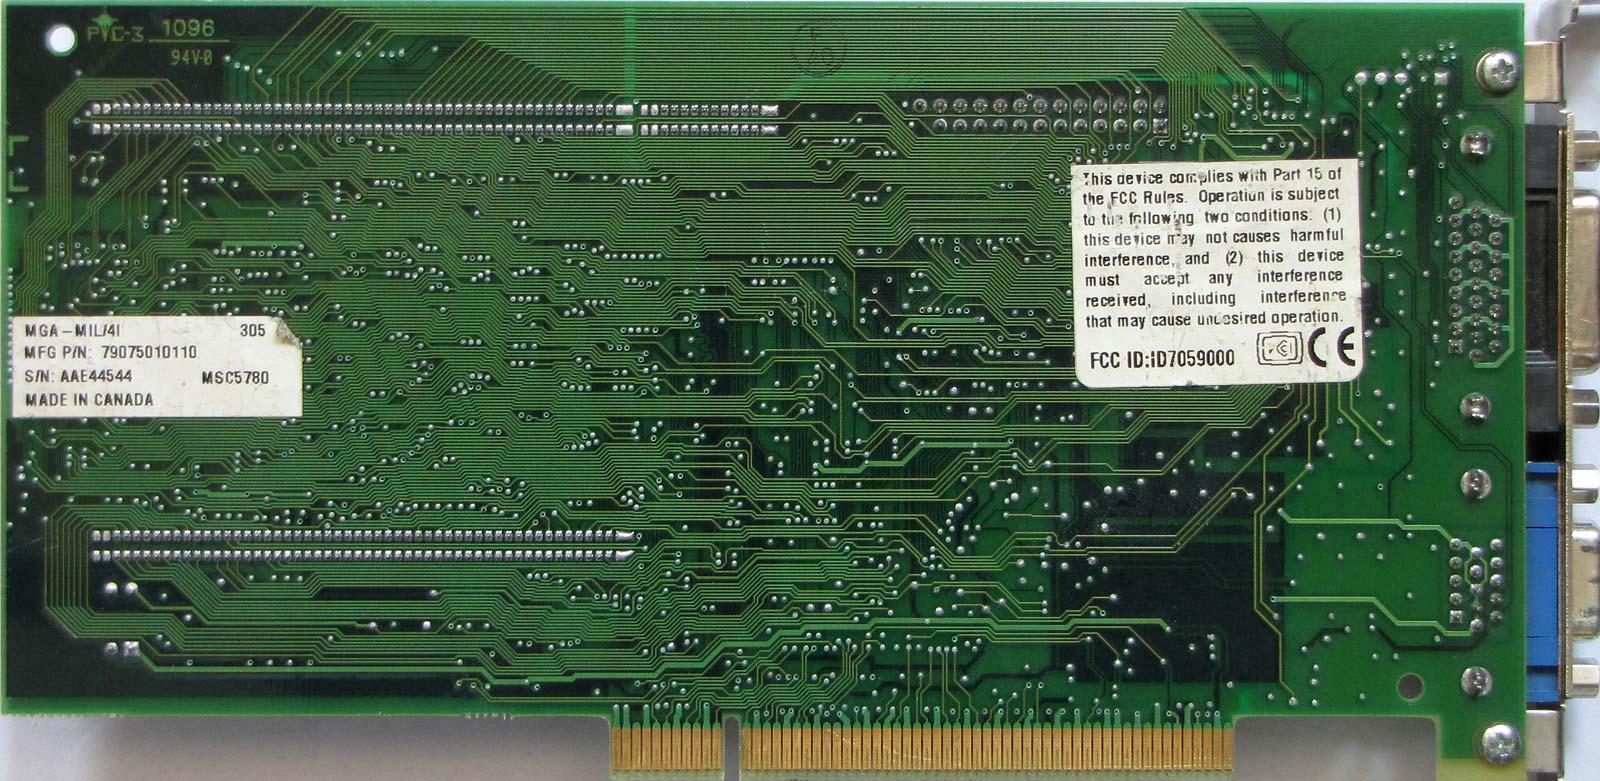 msi 7529 motherboard manual pdf